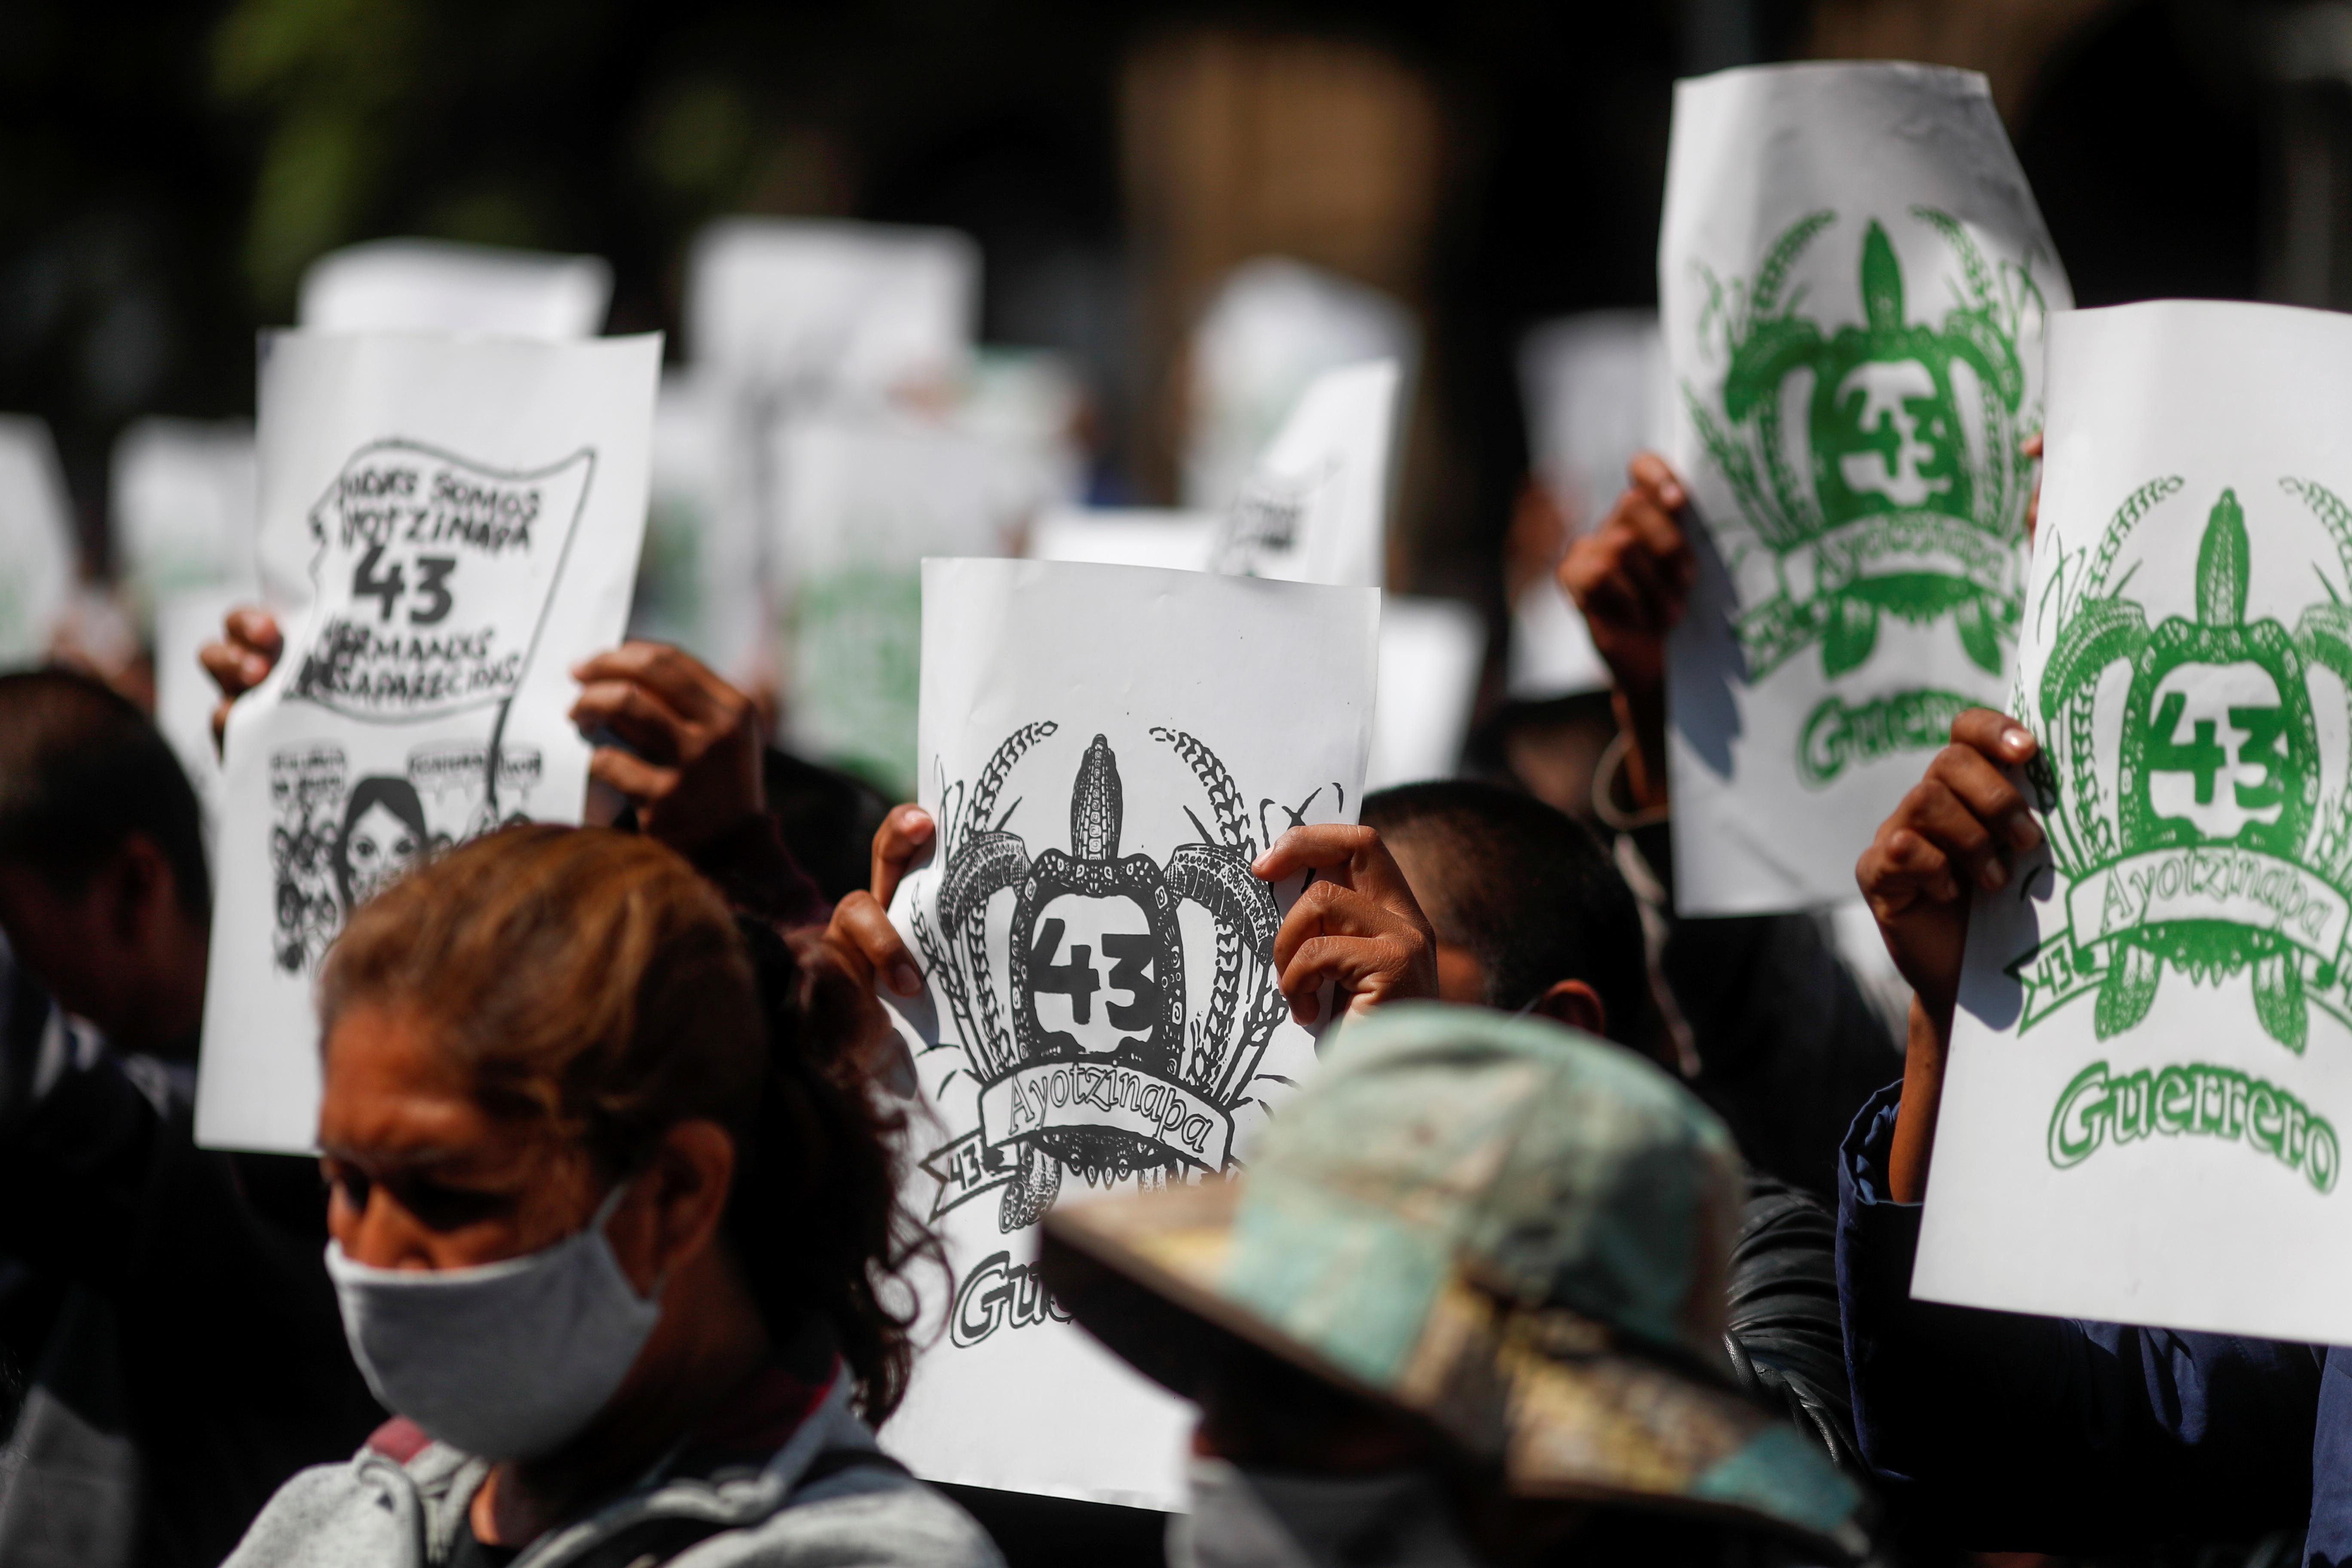 Familiares de estudiantes desaparecidos sostienen pancartas durante una protesta frente a la Corte Suprema de Justicia, antes del sexto aniversario de la desaparición de 43 estudiantes de la Escuela Normal Rural de Ayotzinapa, en la Ciudad de México, México 23 de septiembre de 2020.